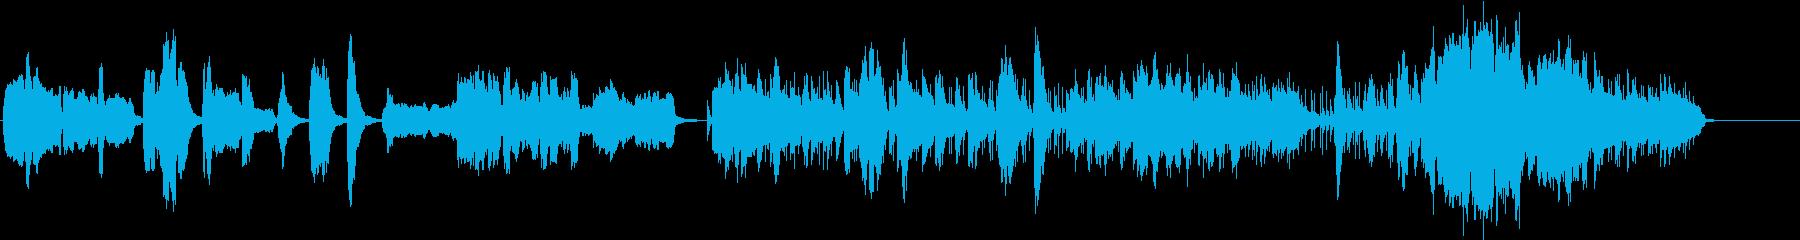 「アラビア」の影響とスペイン語のミ...の再生済みの波形